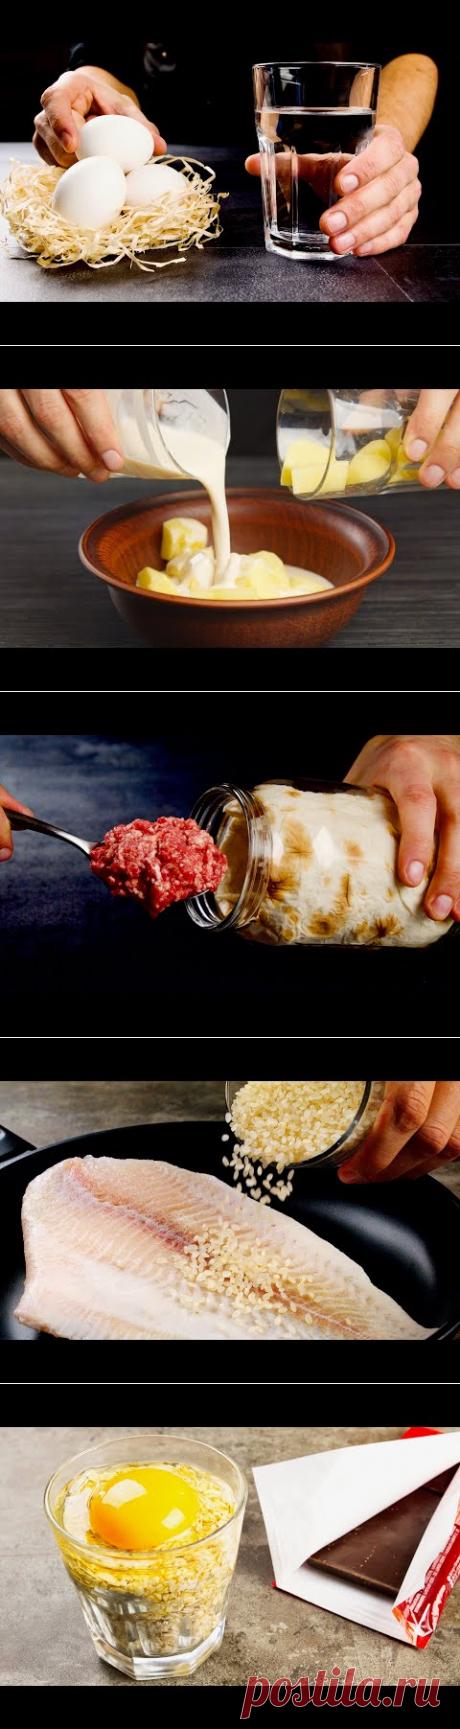 (518) Вкусно до мурашек! Мгновенное блюдо, которое спасёт в любой ситуации - YouTube